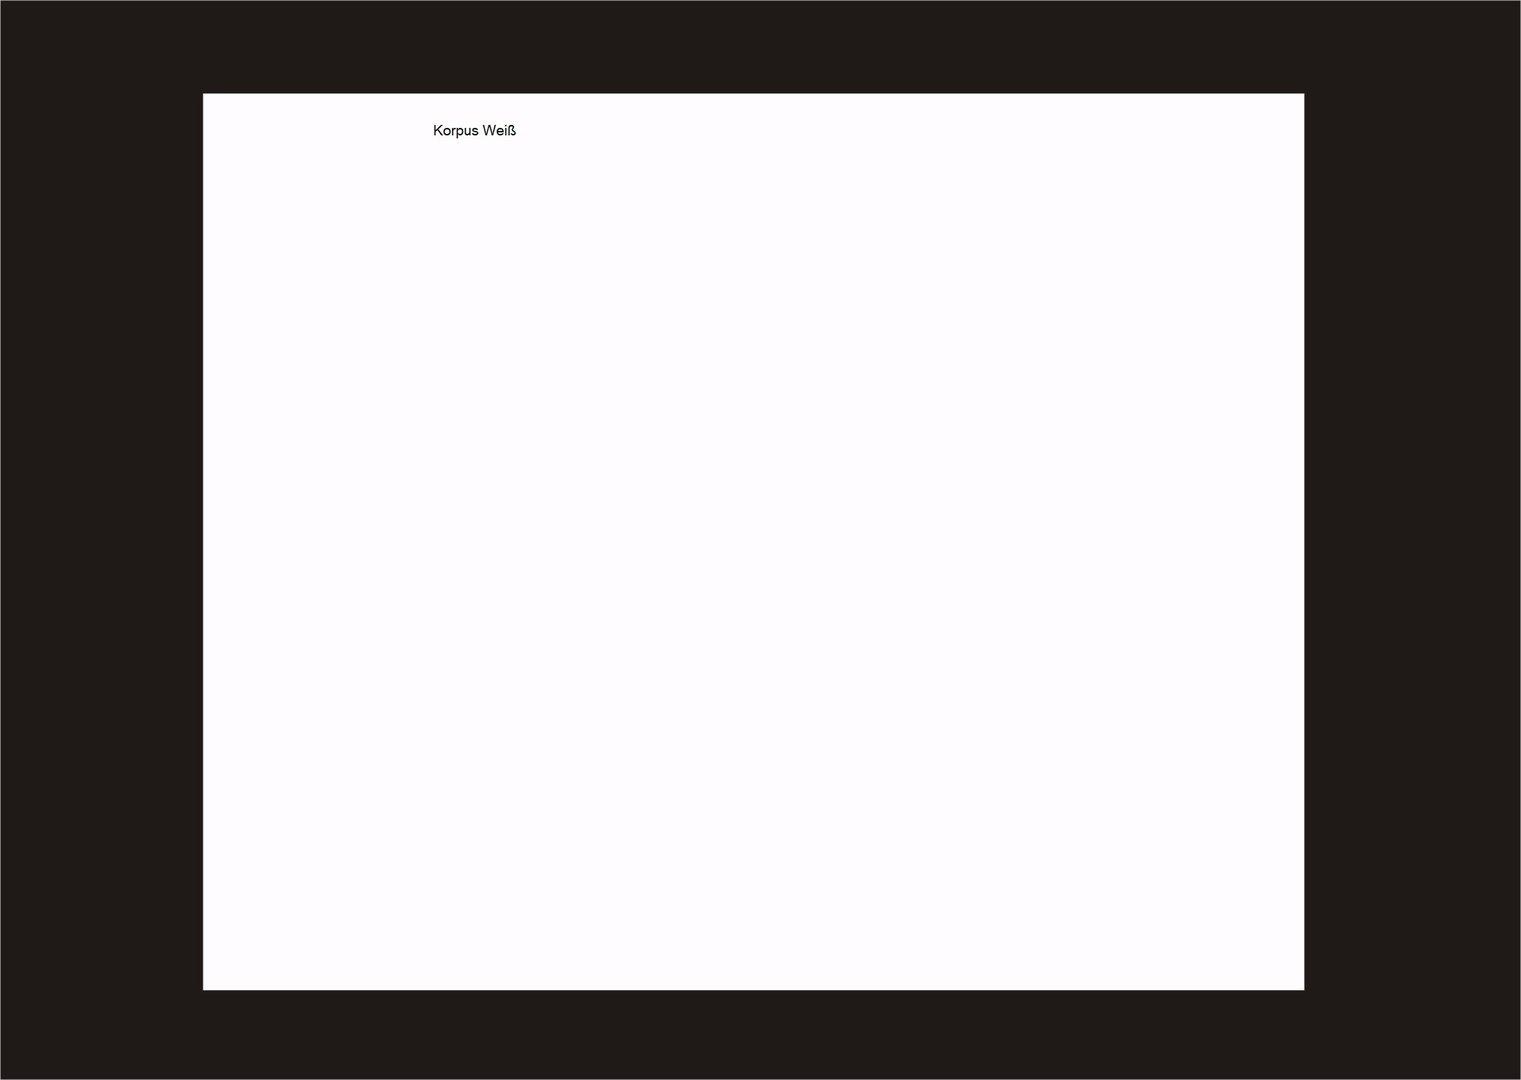 Full Size of Xl Hngeschrank Breite 90 Cm Miele Küche Hängeschrank Bad Ohne Hängeschränke Salamander Industrial Wandsticker Einbauküche Kühlschrank Armatur Küche Küche Hängeschrank Höhe